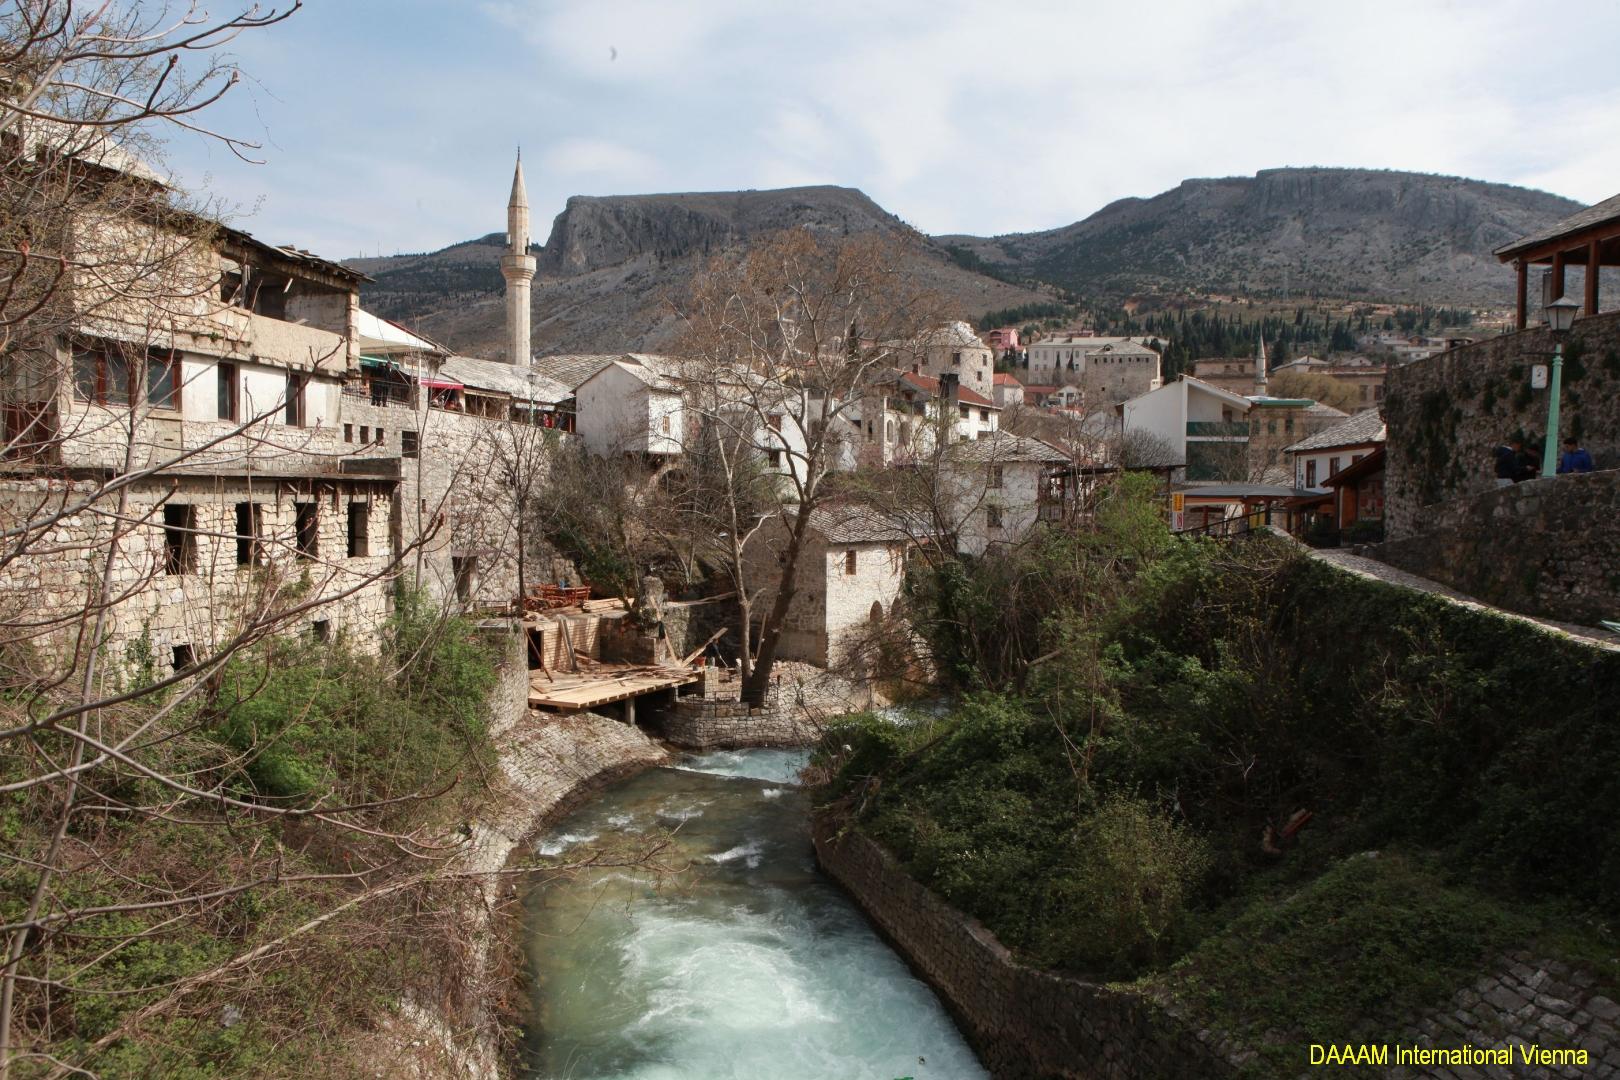 DAAAM_2016_Mostar_01_Magic_City_of_Mostar_032